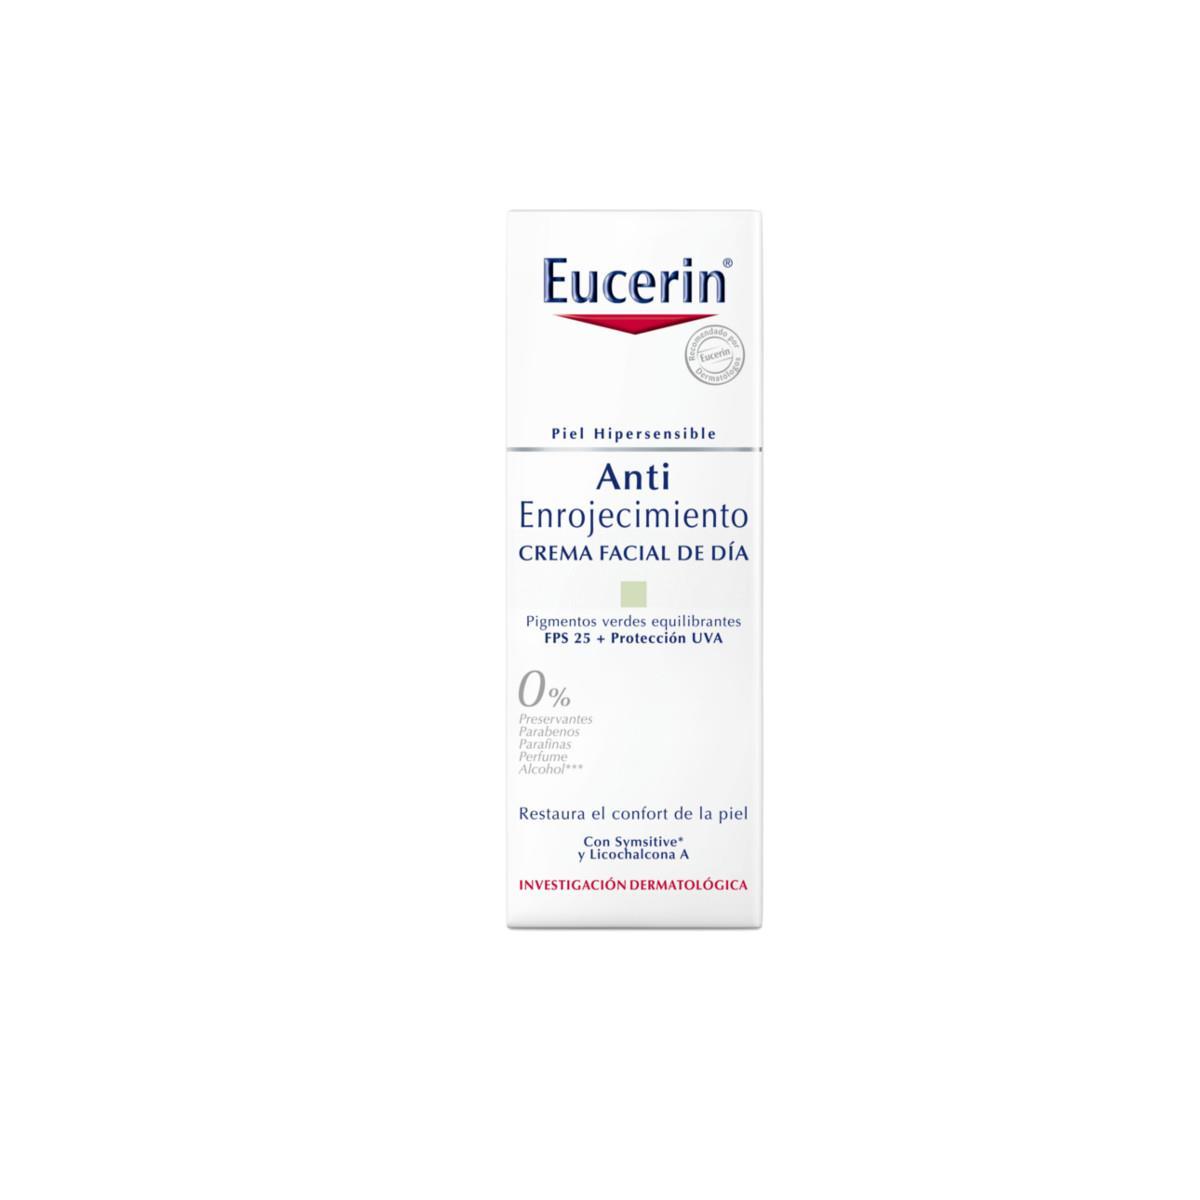 Eucerin Anti-Enrojecimiento Crema Día Spf 25 50Ml